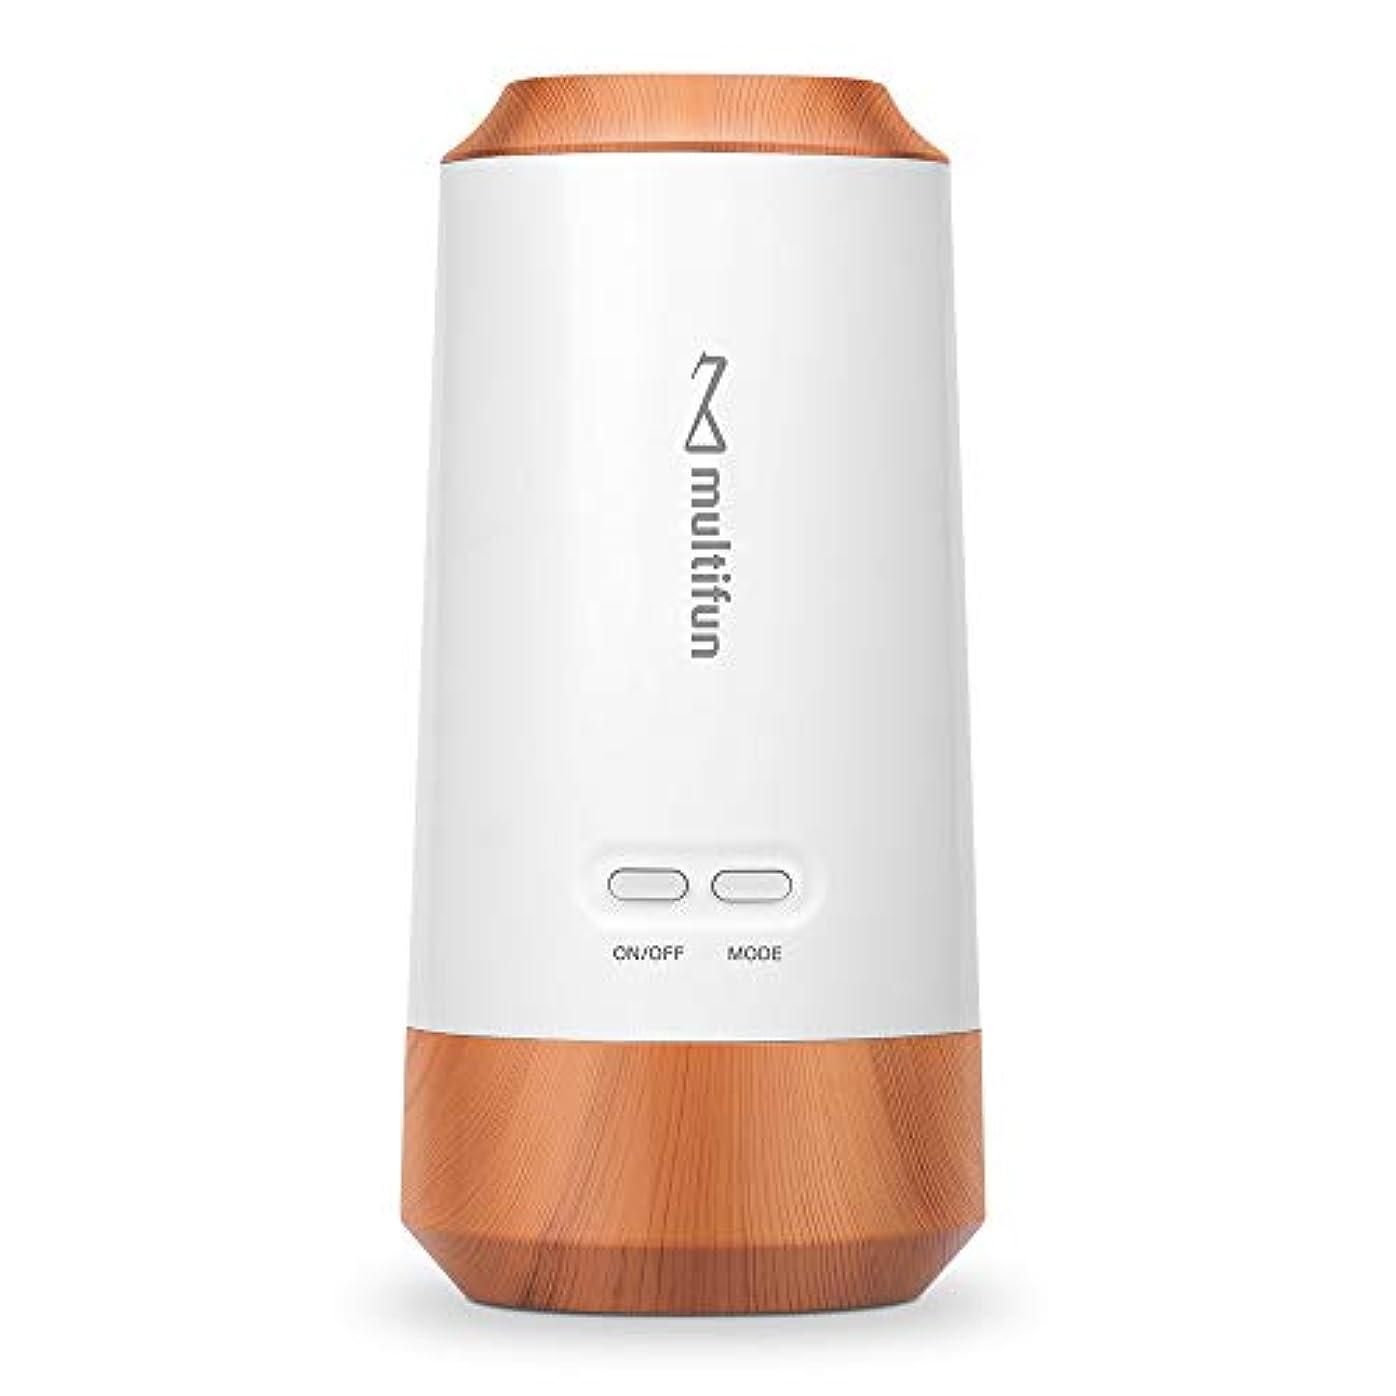 マイクロフォンぺディカブ保証multifun アロマディフューザー ネブライザー式 気化式 車載用 コードレス 水を使わない 充電式 静音 車用 10mlアロマ320時間使える 精油瓶1個 スポイト付き 6畳~9畳まで